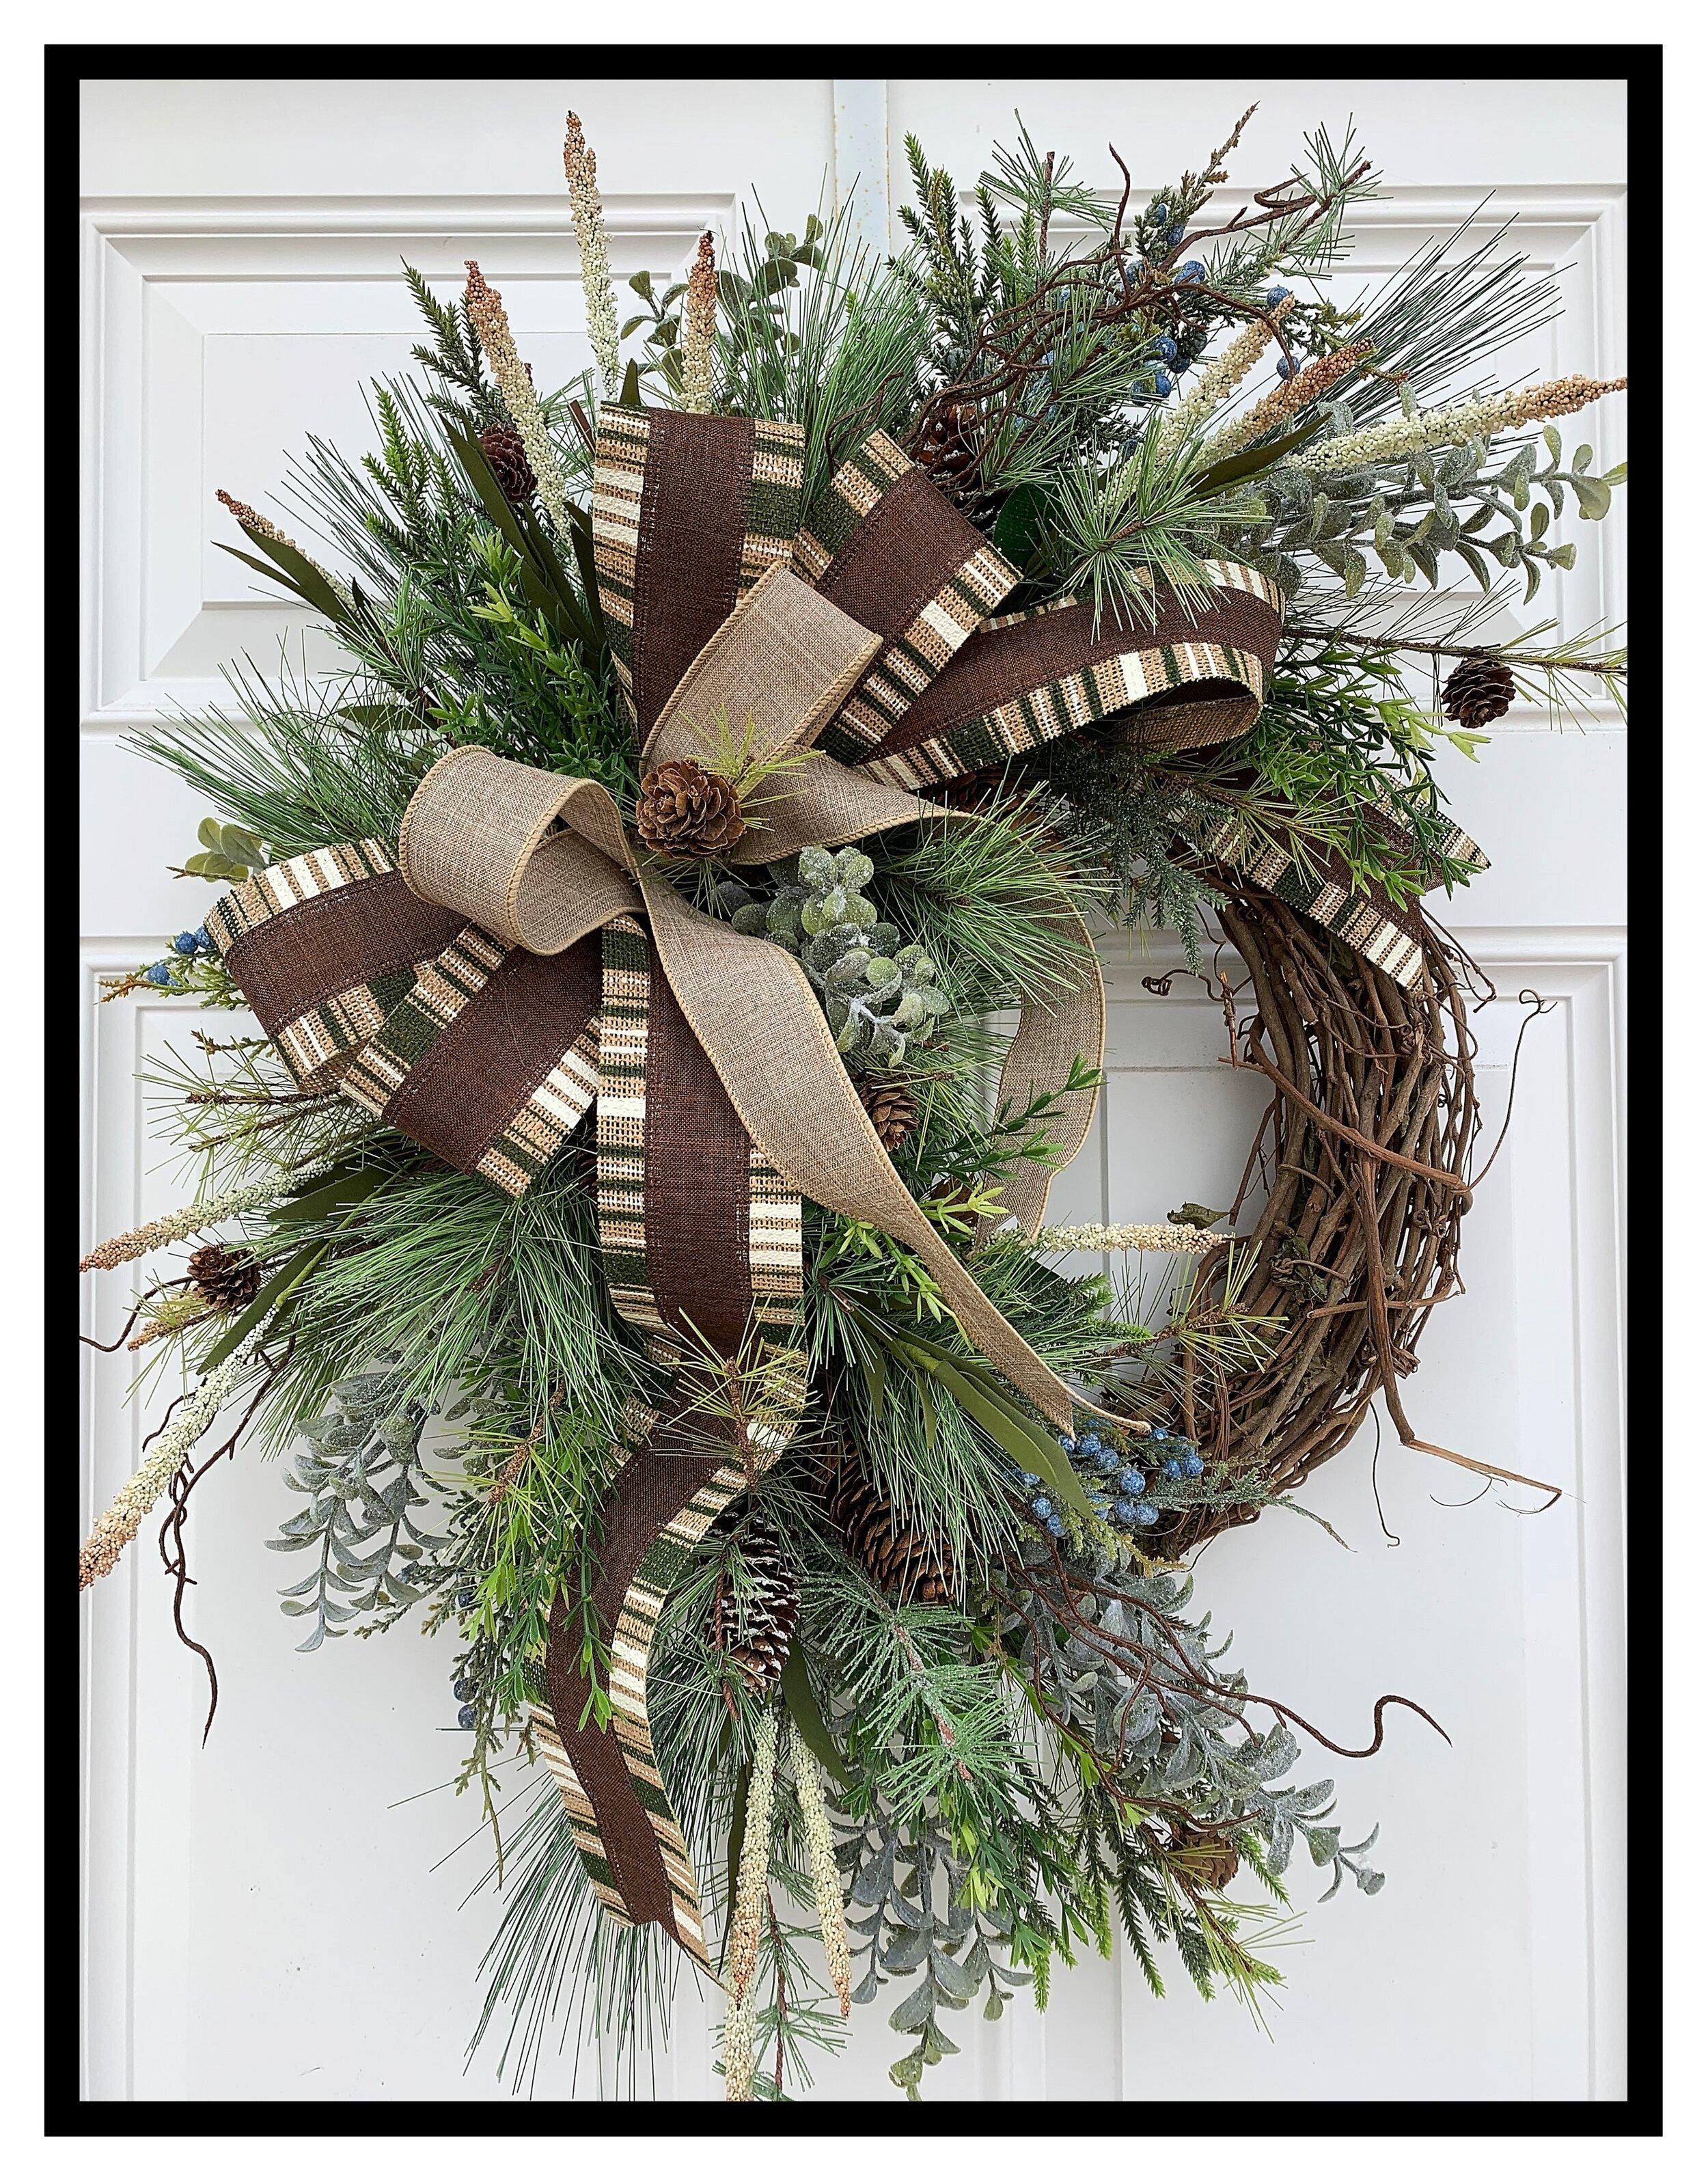 Door Wreaths Designer Wreaths Decorative Front Door Wreath Sugar Creek Home Decor